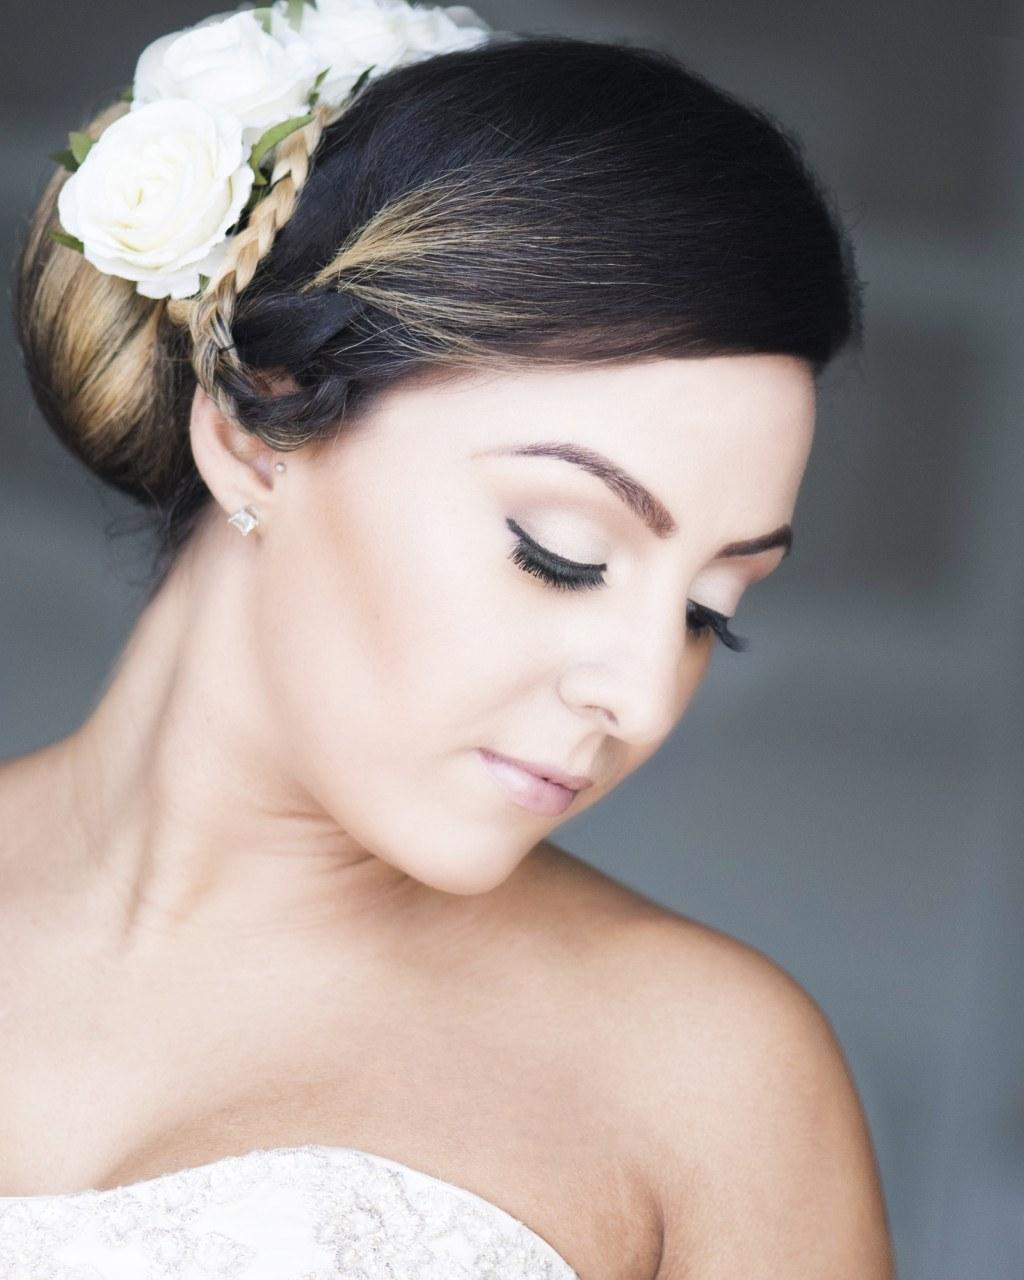 Afmena Events-Bridal Shoot-28th Dec-BellaNaija-2016 (9)